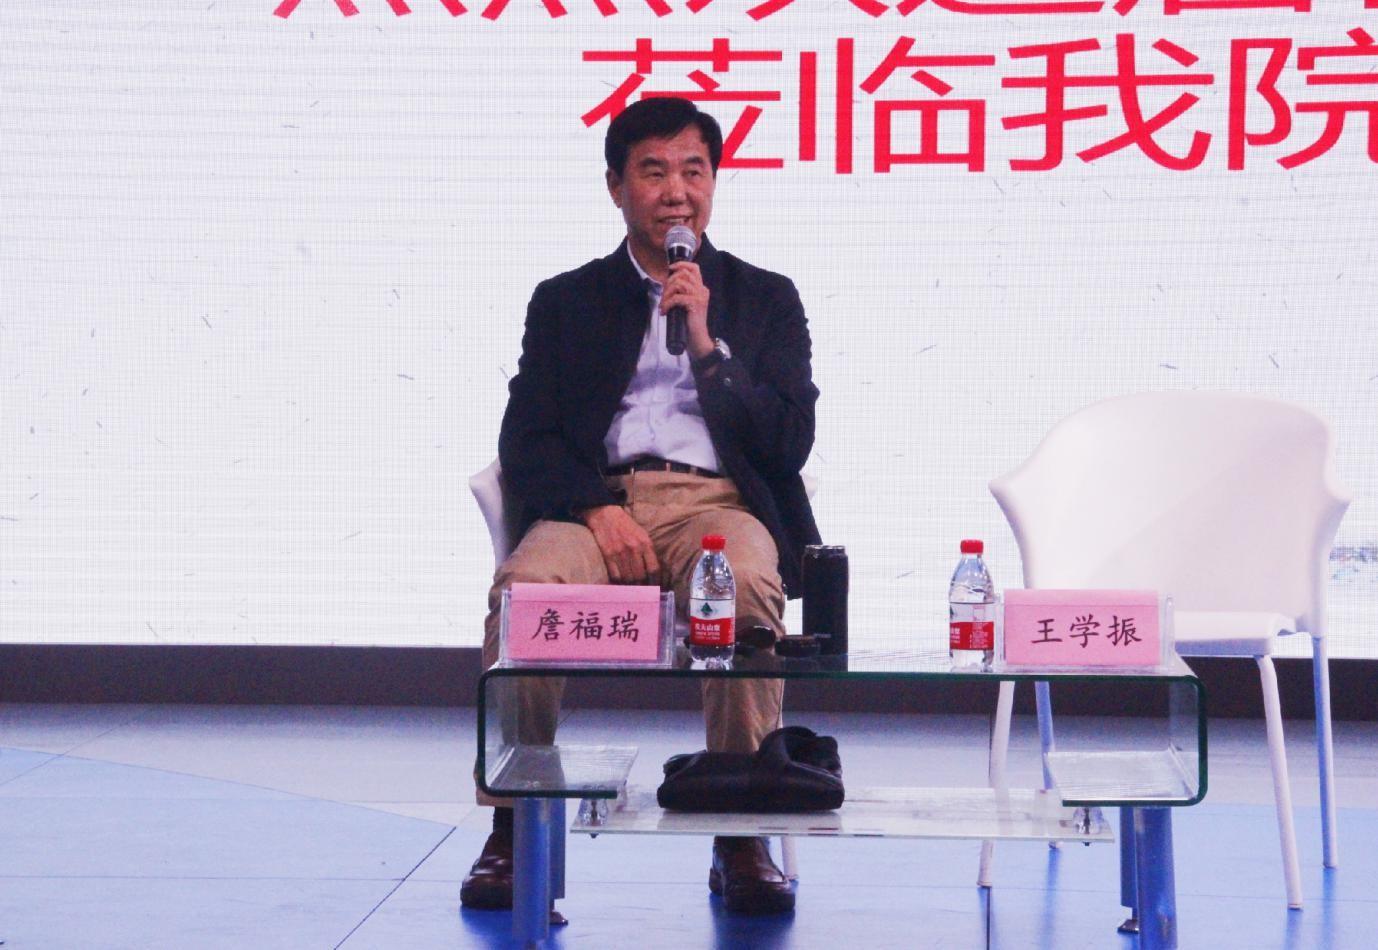 弘扬中华传统文化系列讲座之读书与治学